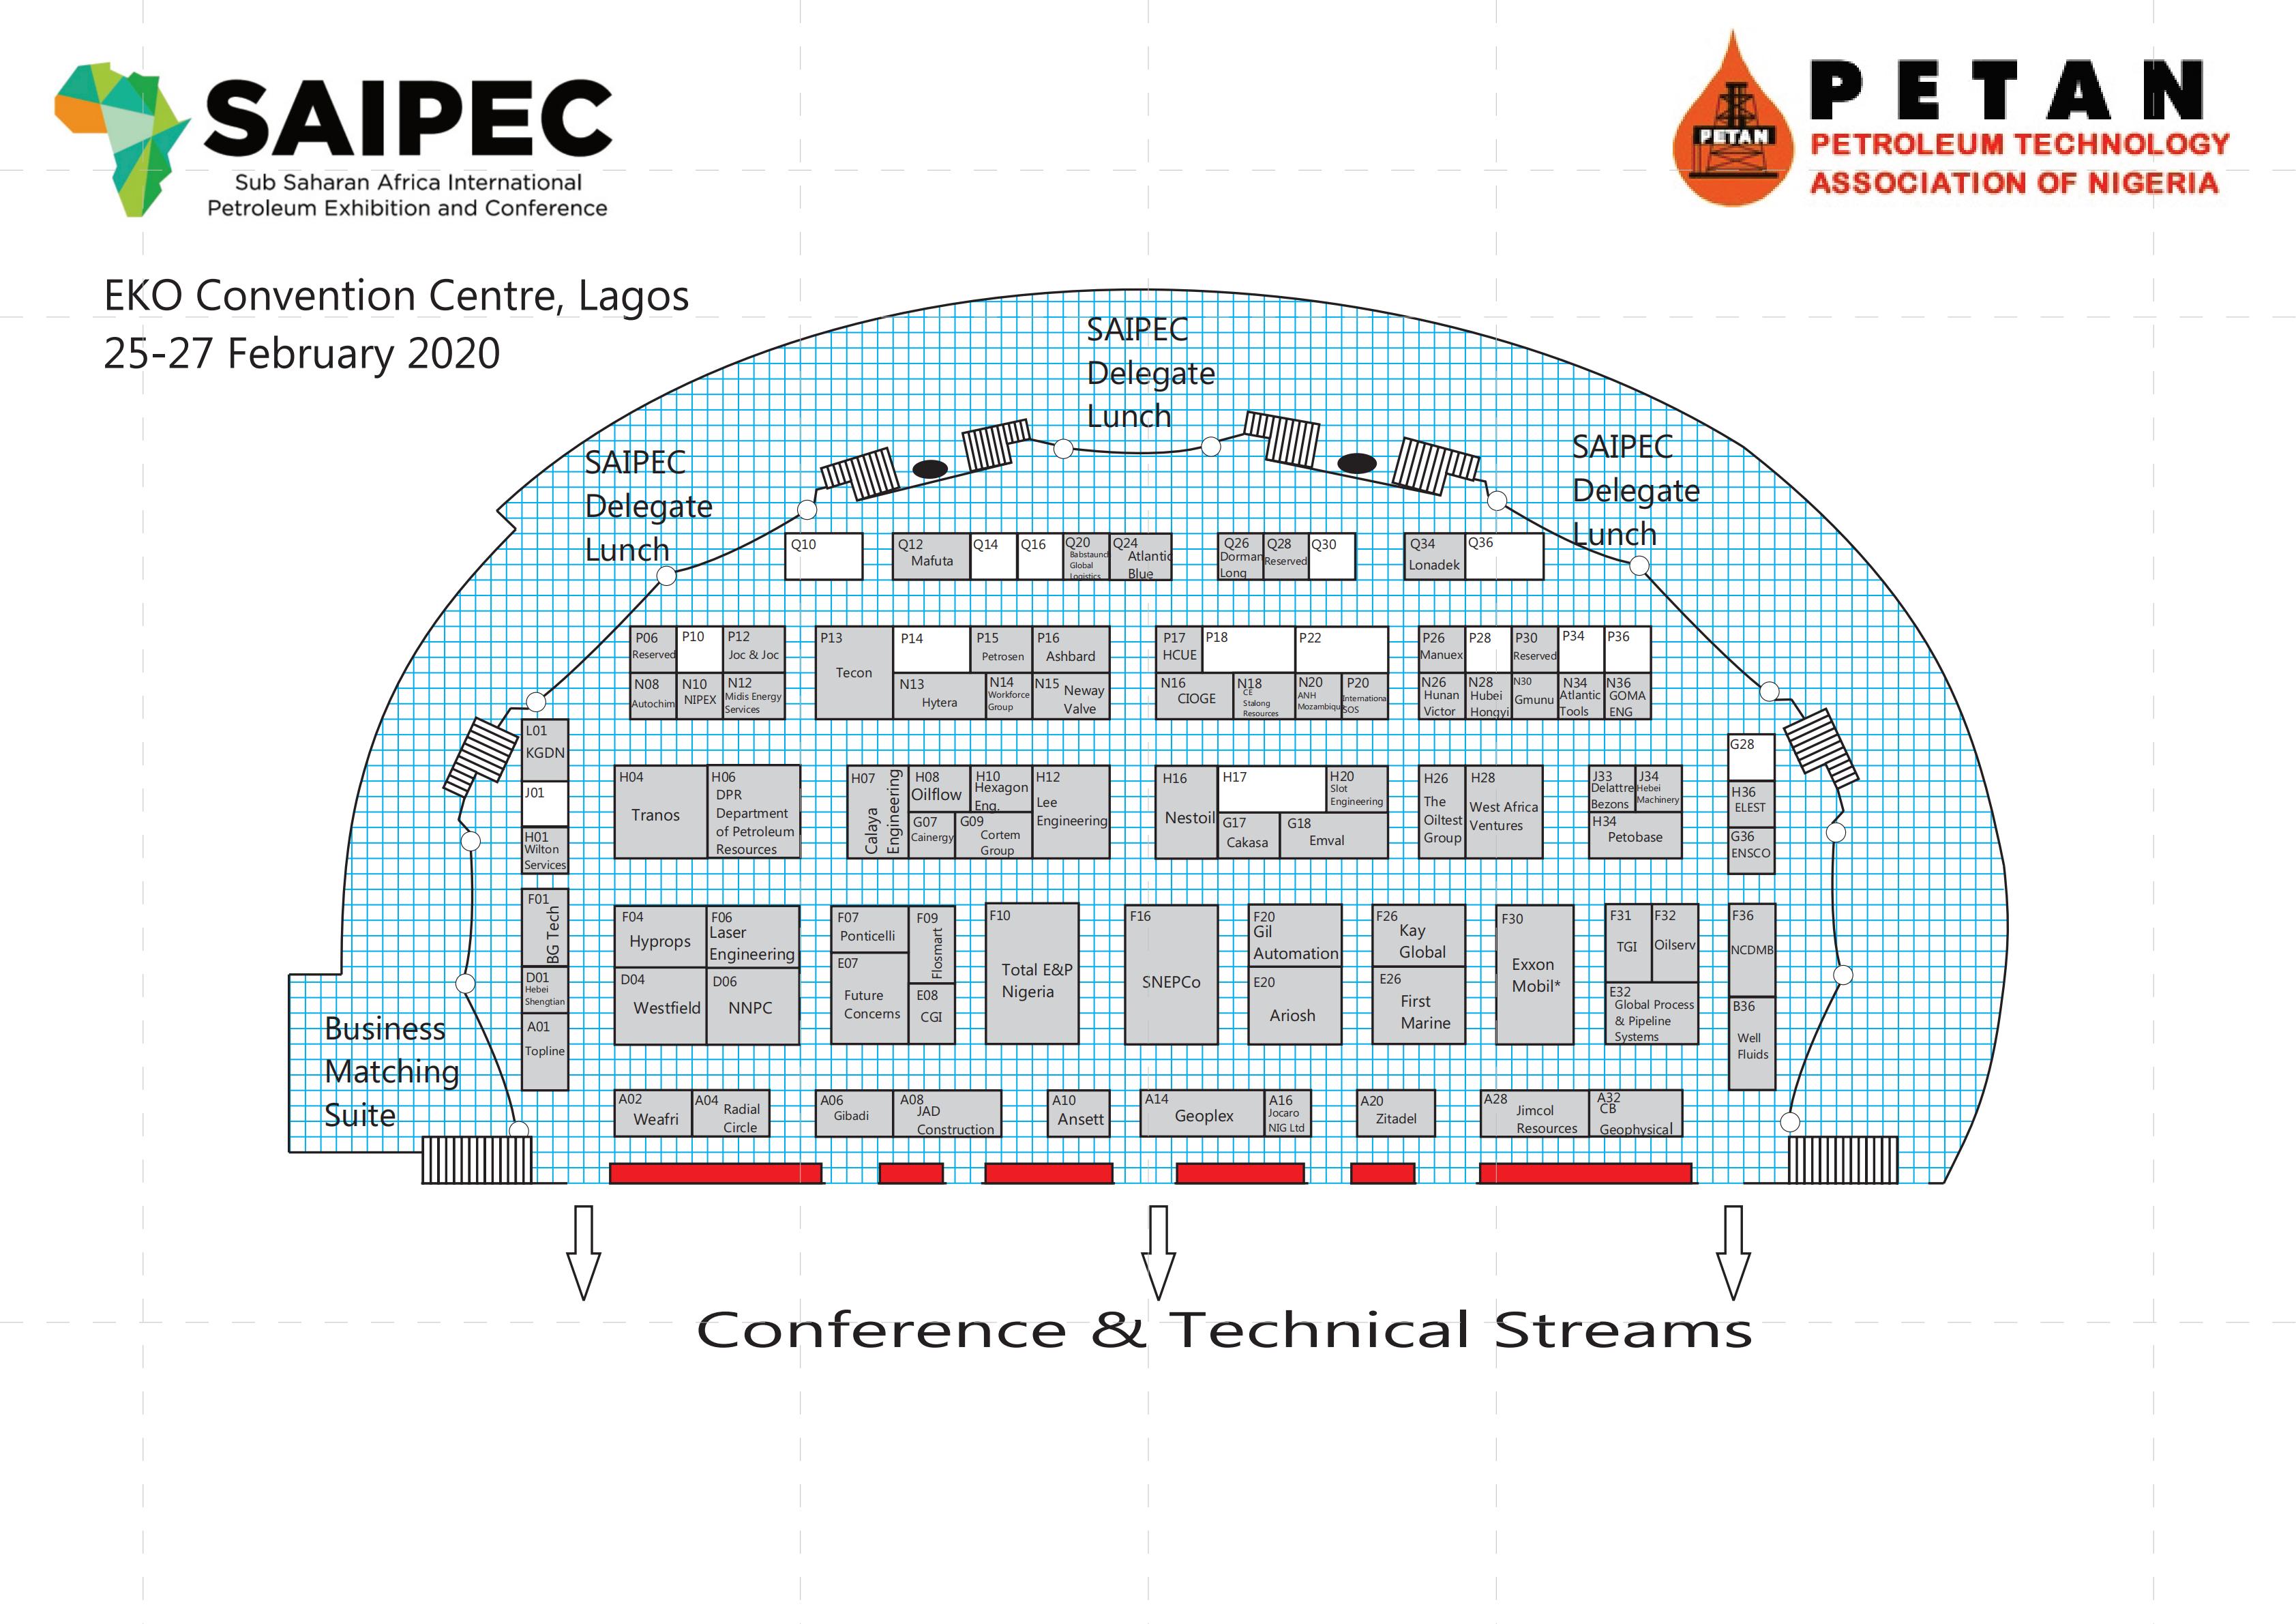 尼日利亞石油裝天然氣展覽會SAIPEC